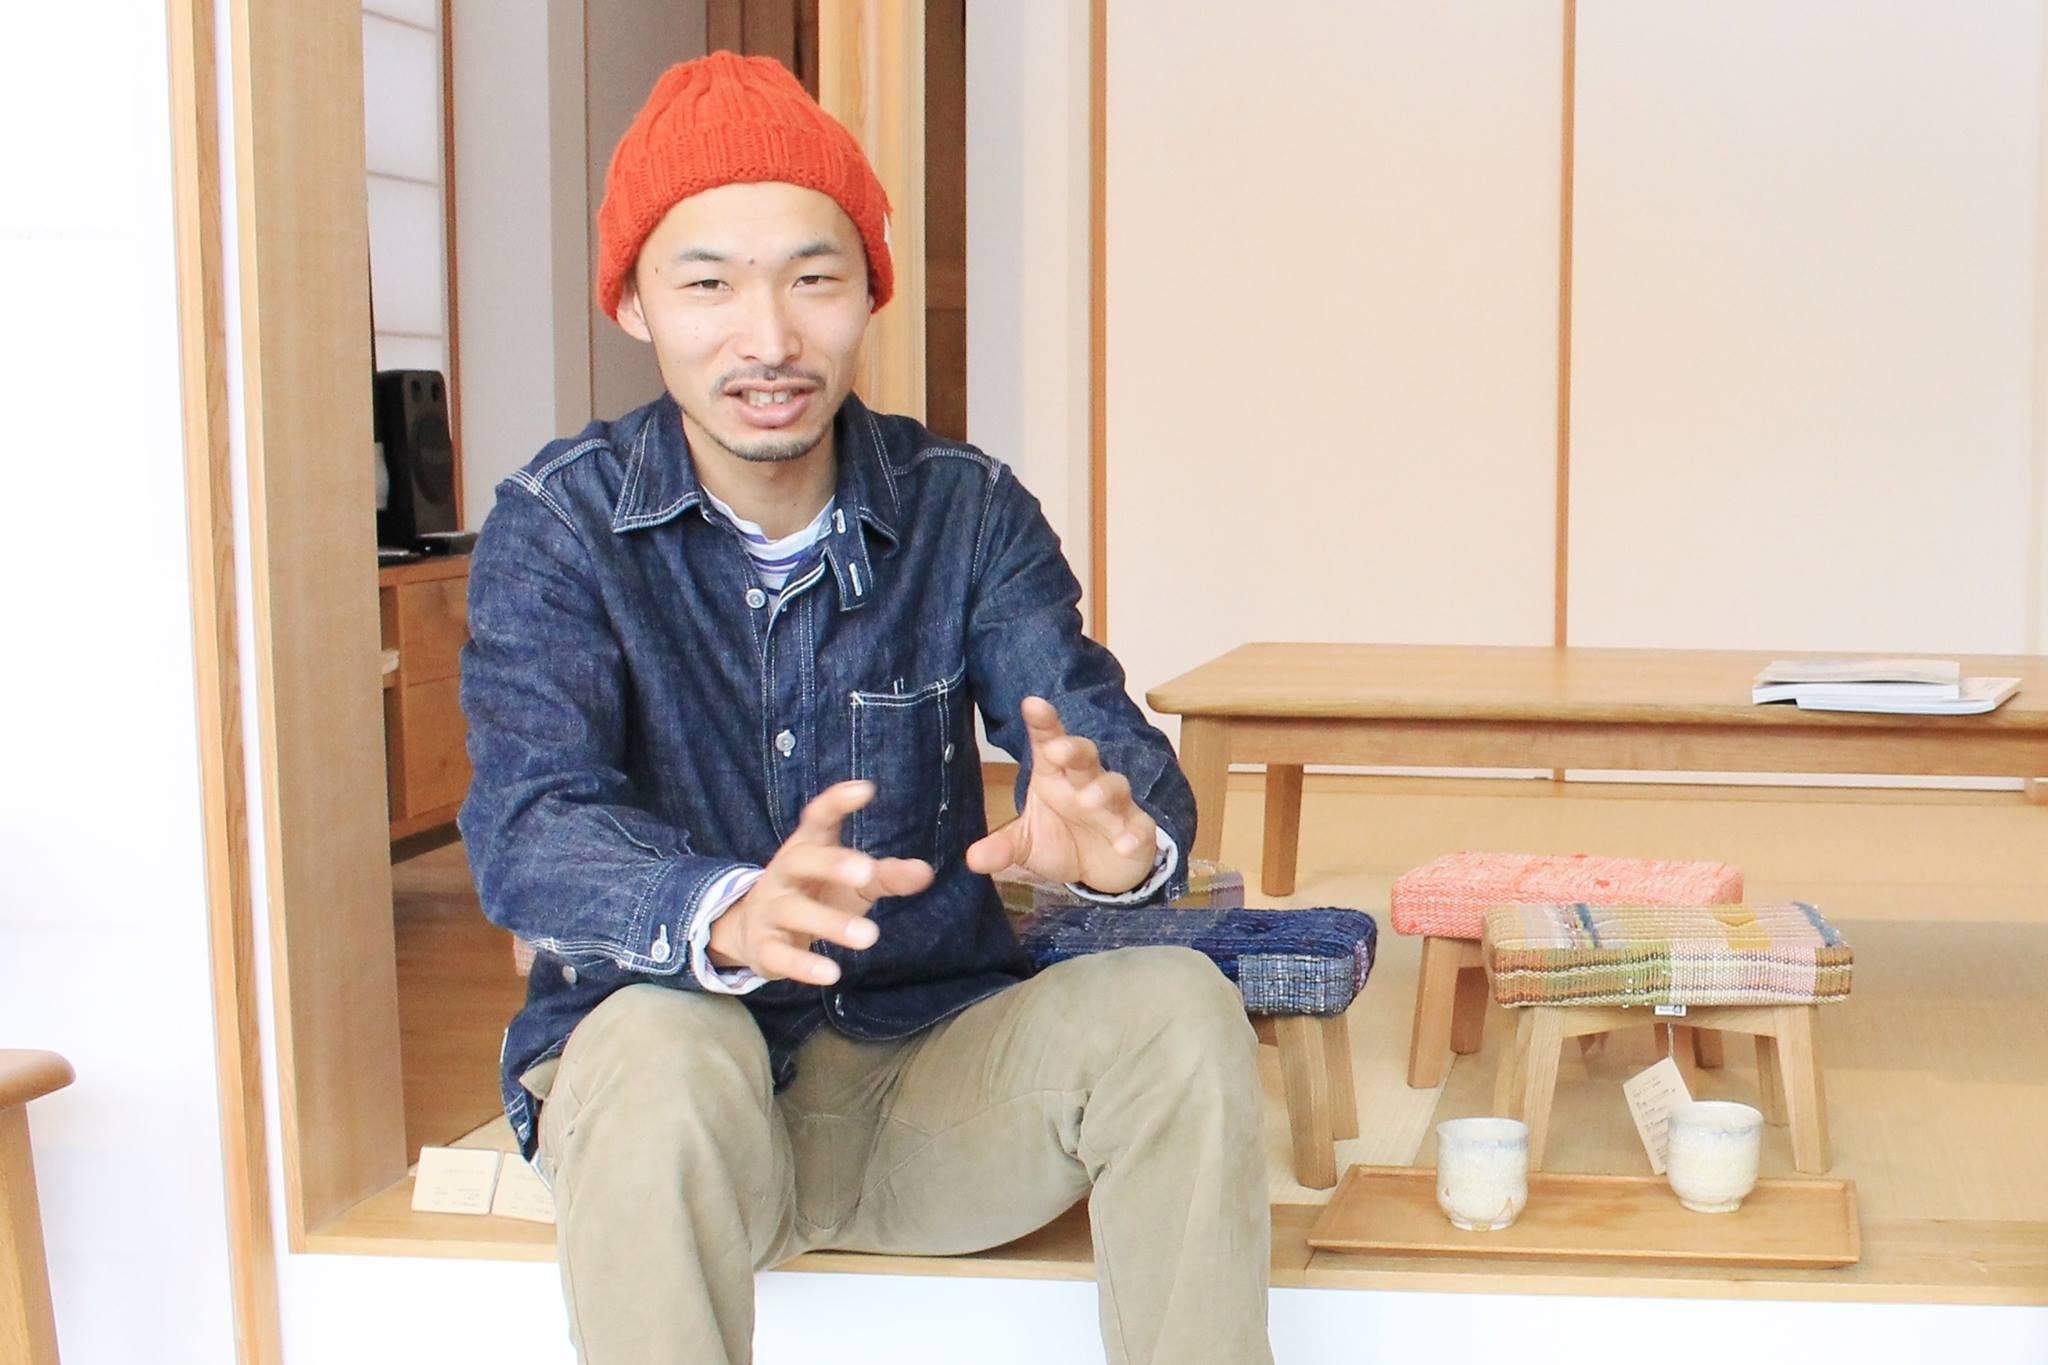 「店舗の裏テーマは生活感。生活感のある家具屋ってリアルでいいじゃないですか(笑)」と裕之さん。